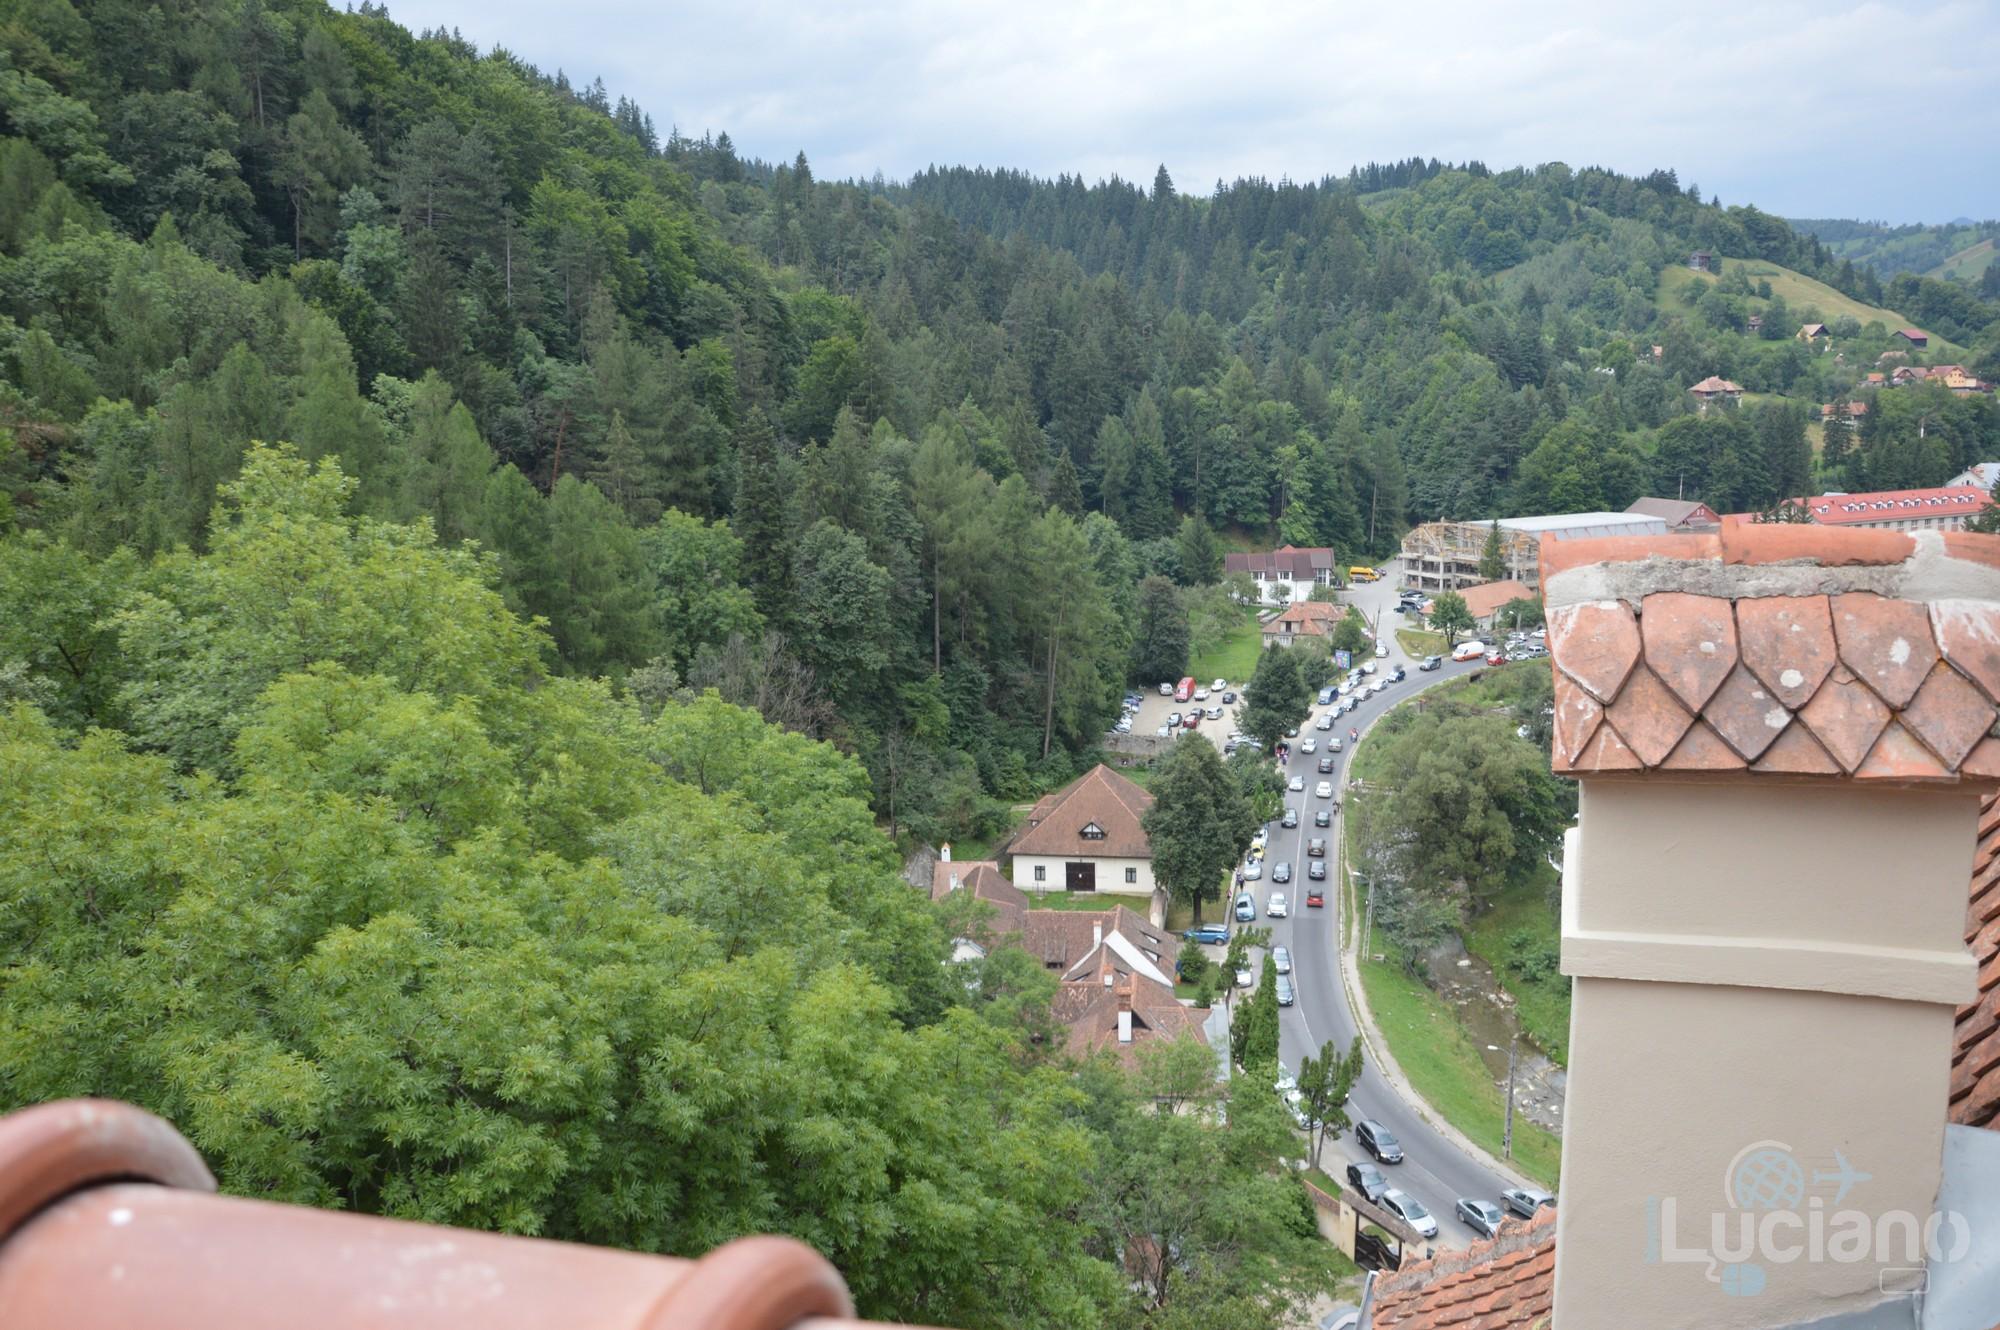 castello-di-dracula-castello-di-bran-luciano-blancato (68)